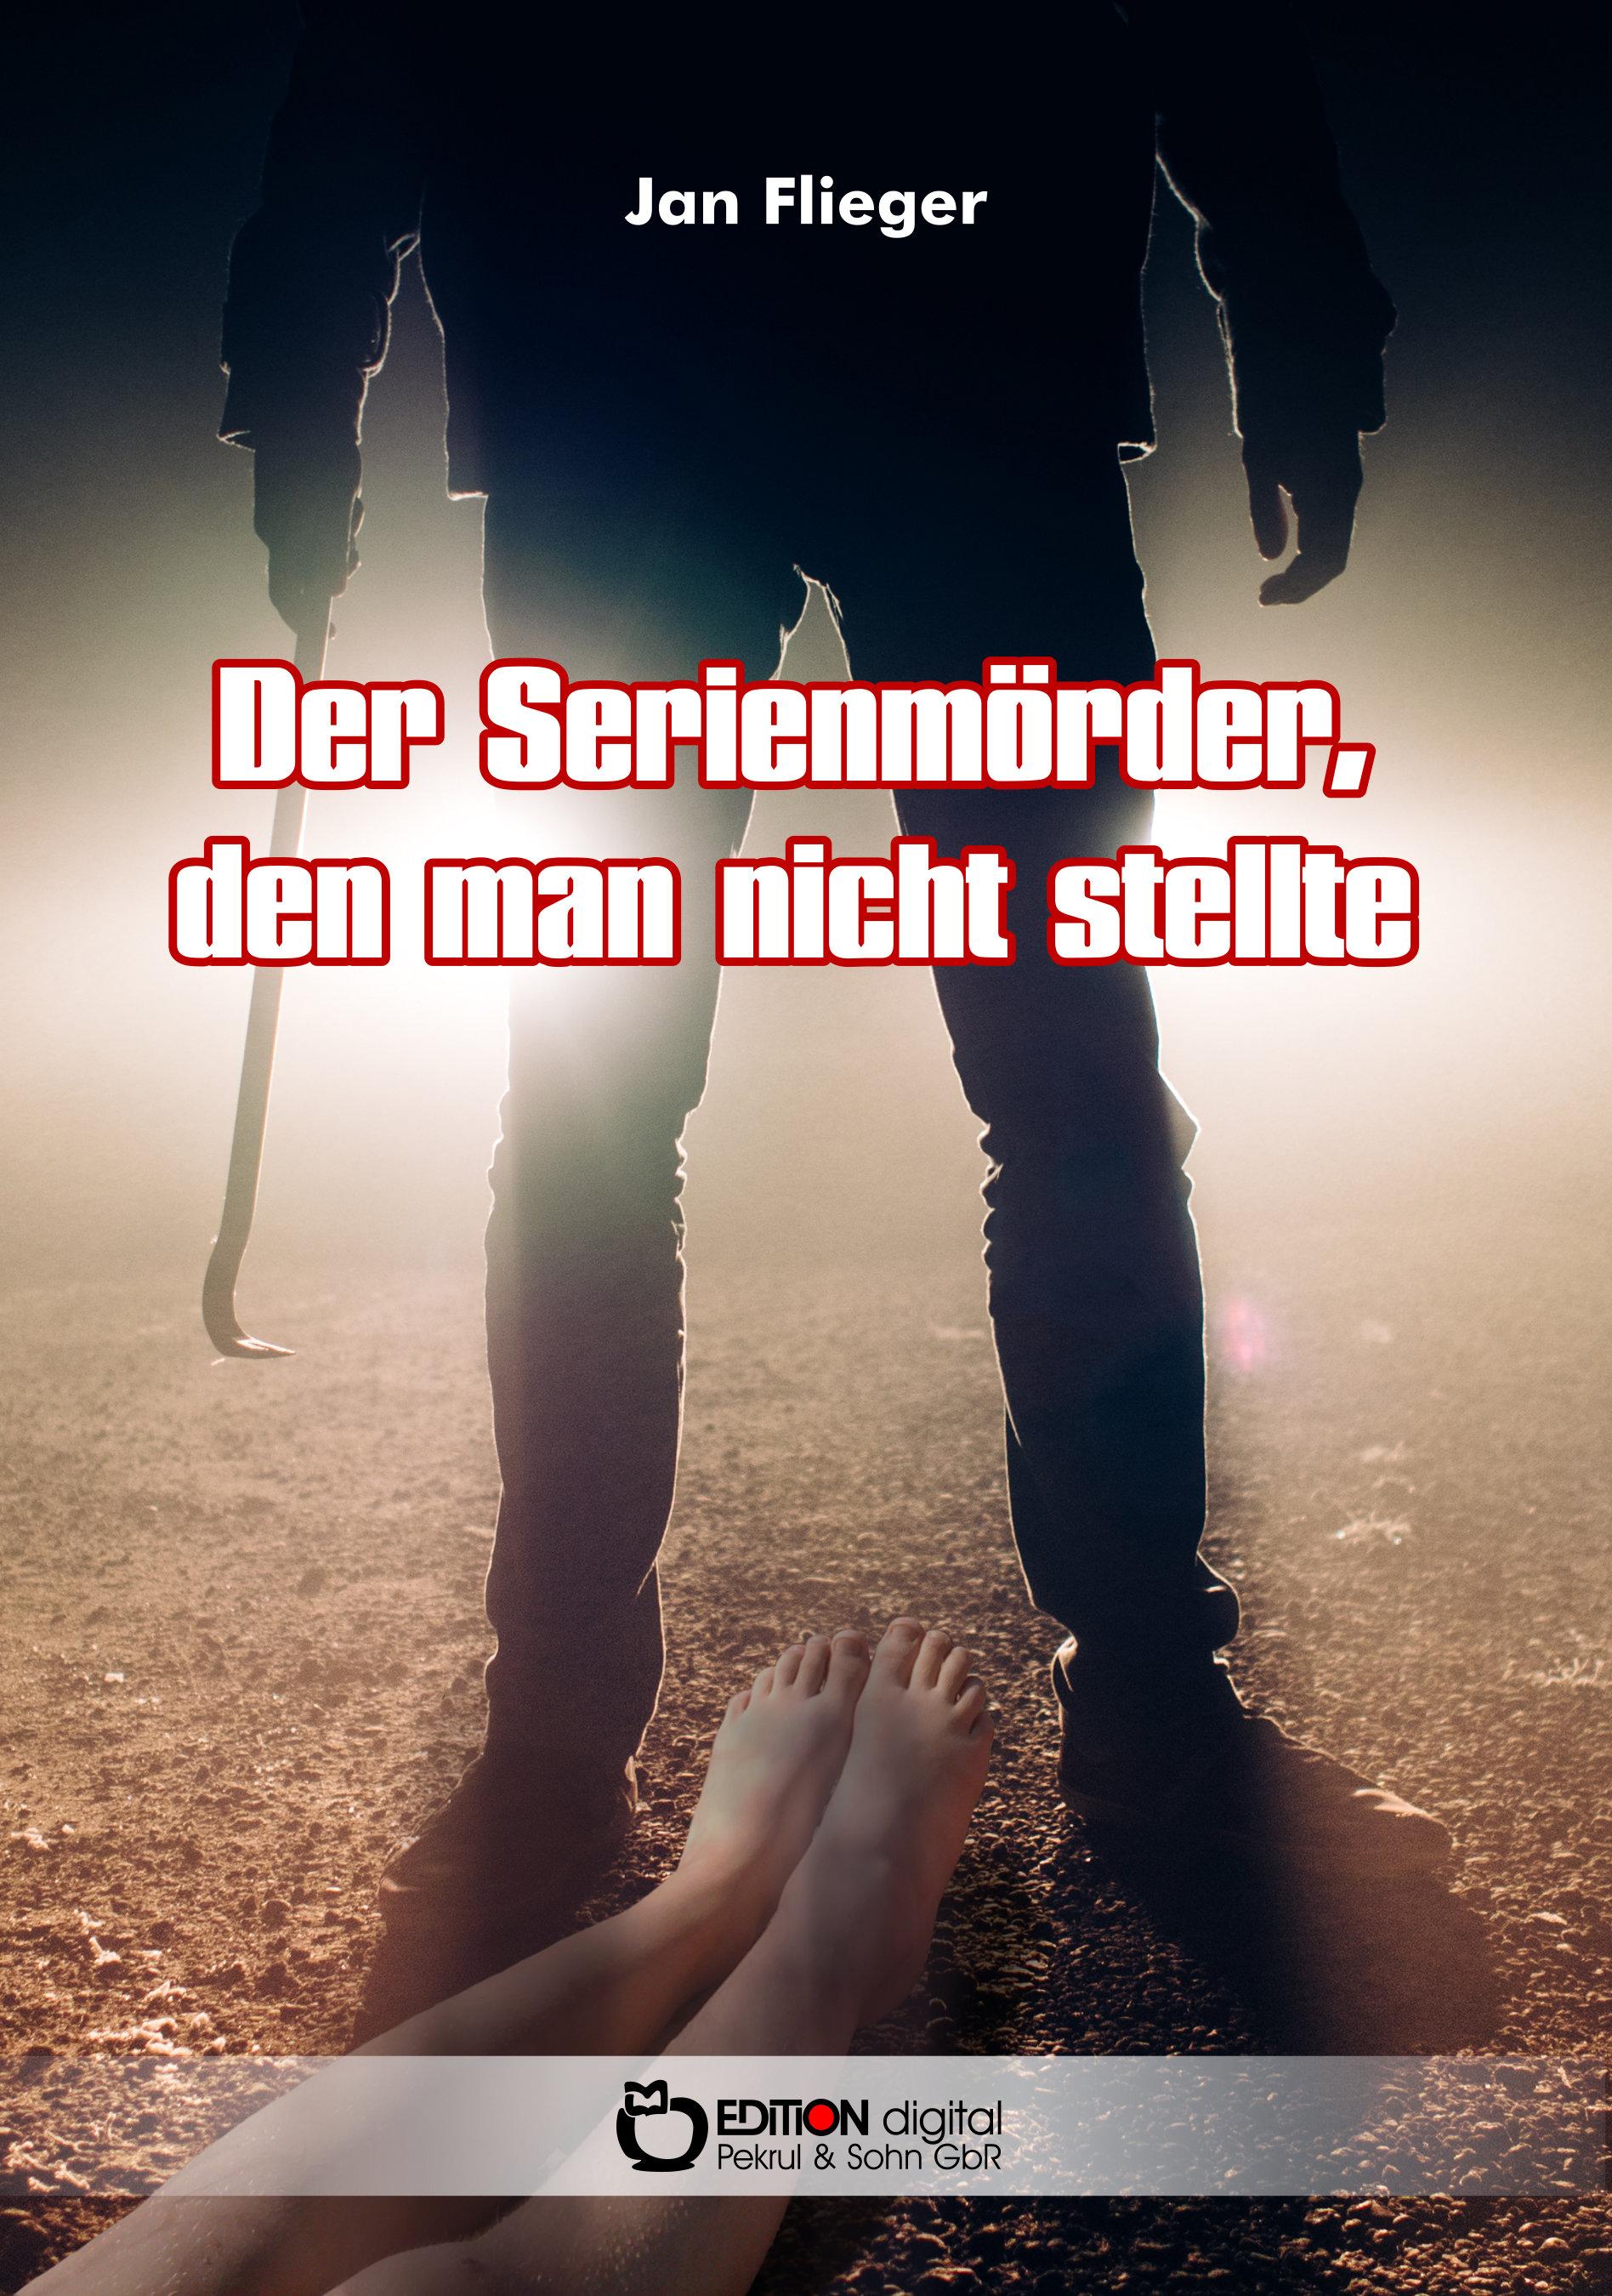 Der Serienmörder, den man nicht stellte von Jan Flieger